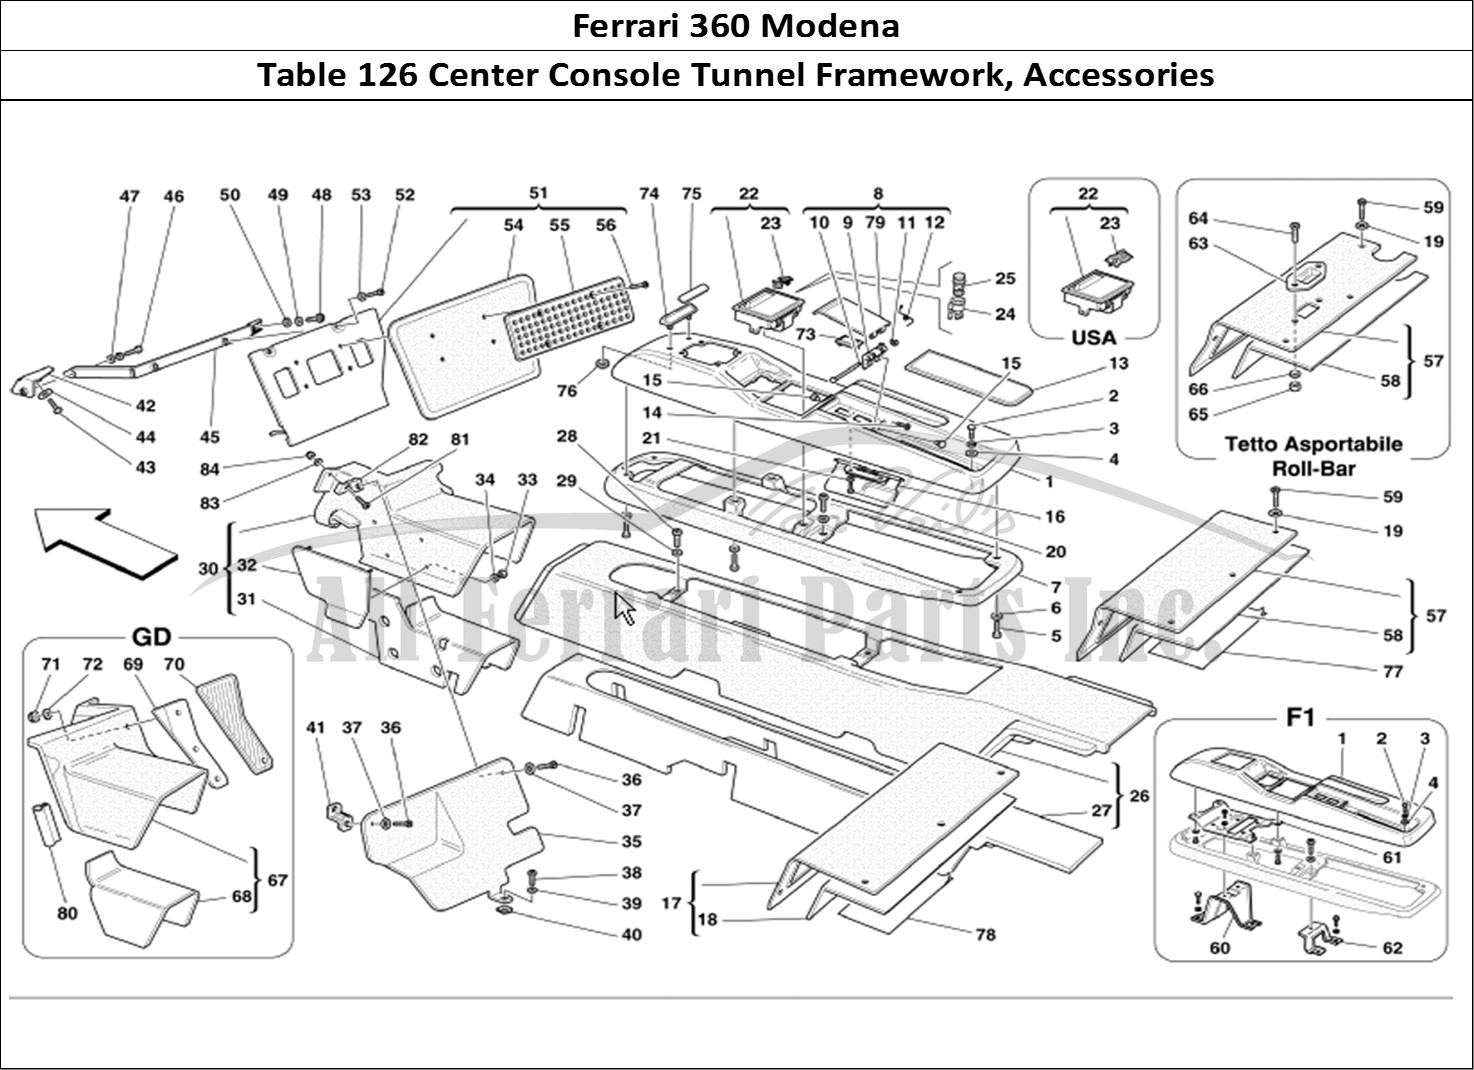 Buy Original Ferrari 360 Modena 126 Center Console Tunnel